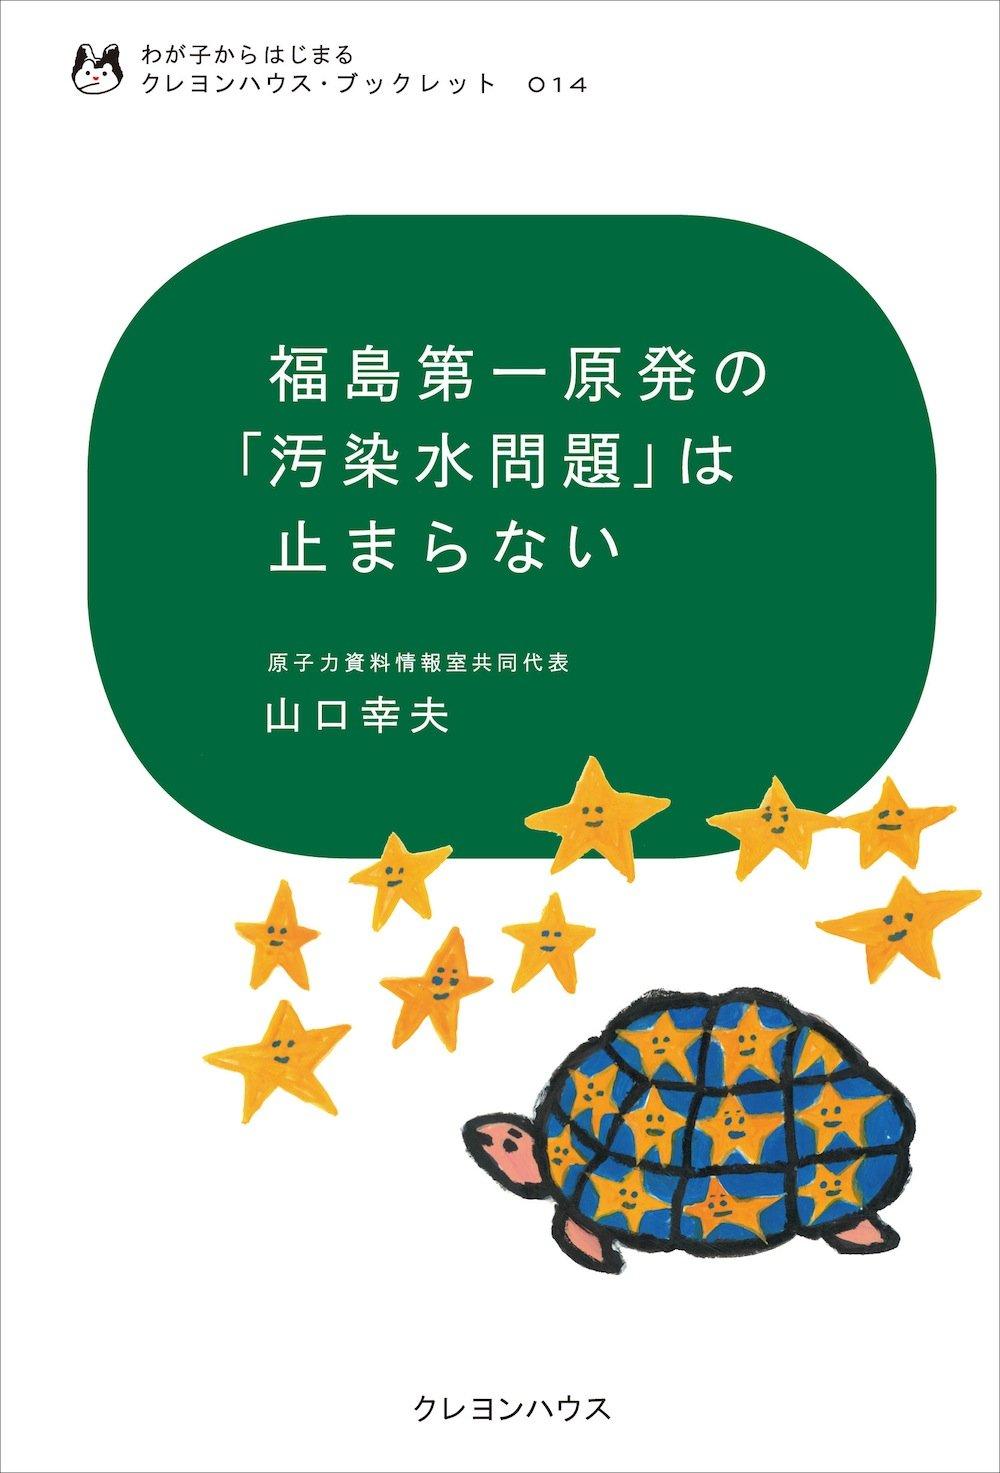 福島第一原発の「汚染水問題」は止まらない (わが子からはじまるクレヨンハウス・ブックレット)